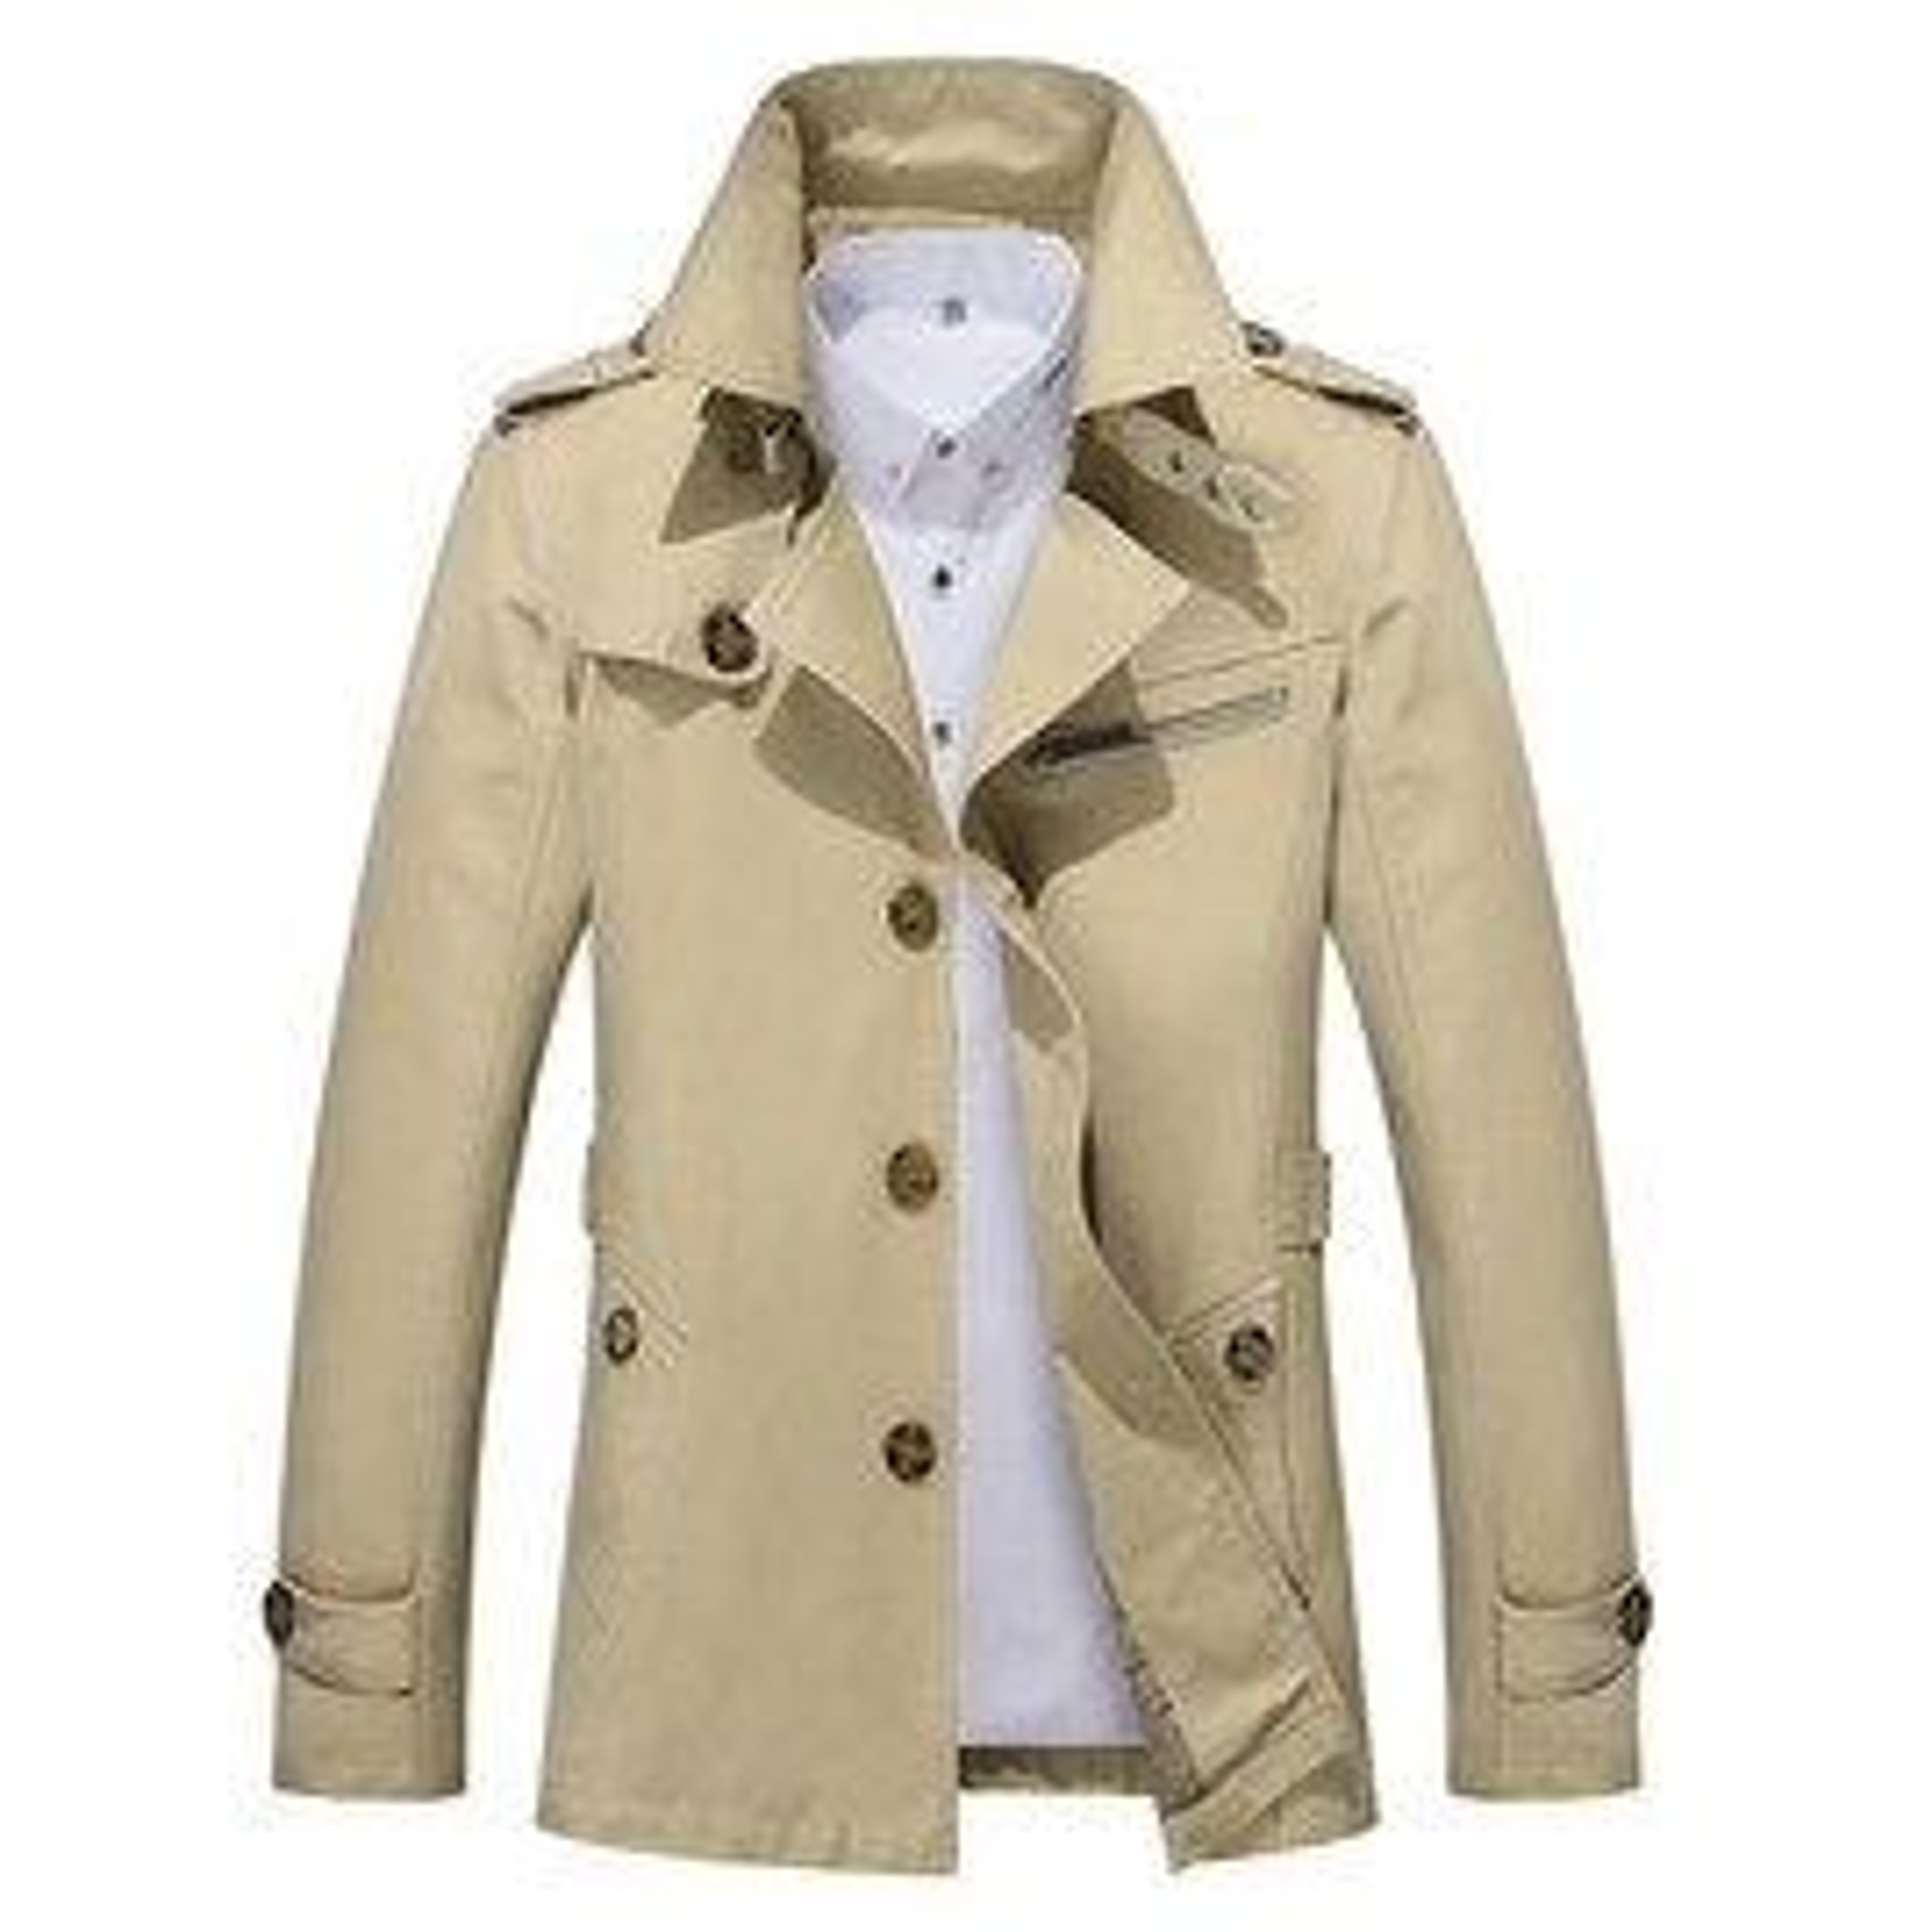 D'automne Vêtement Coton Homme Slim Revers Veste Col En Casual fBPWqSw